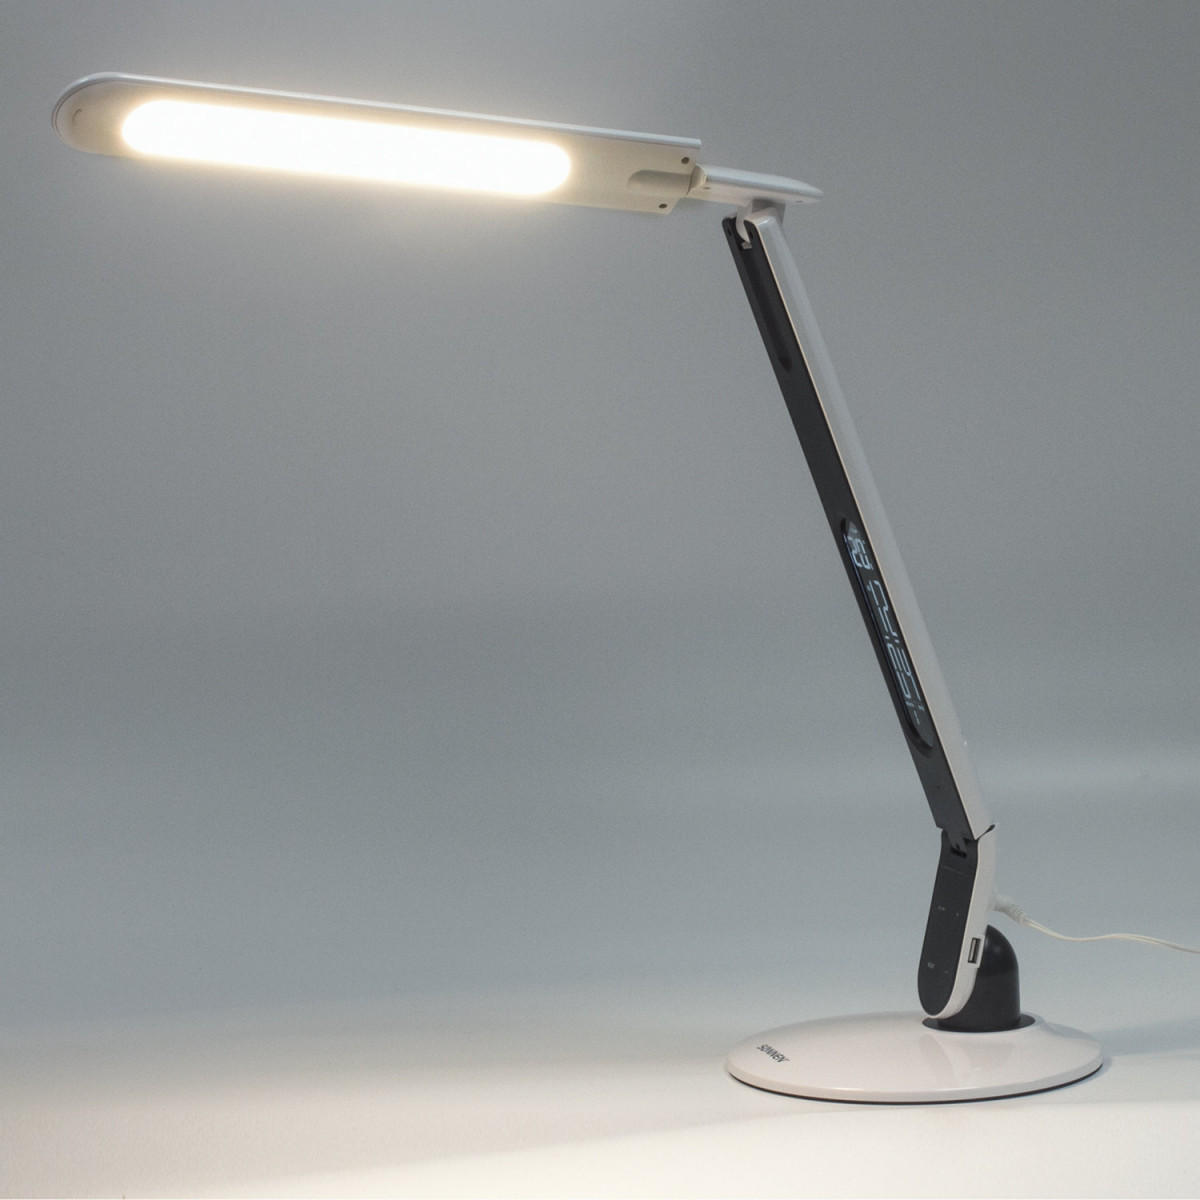 Светильник настольный SONNEN BR-898A, на подставке, светодиодный, 10 Вт, часы, календарь, термометр, белый, 236661 (арт. 236661)